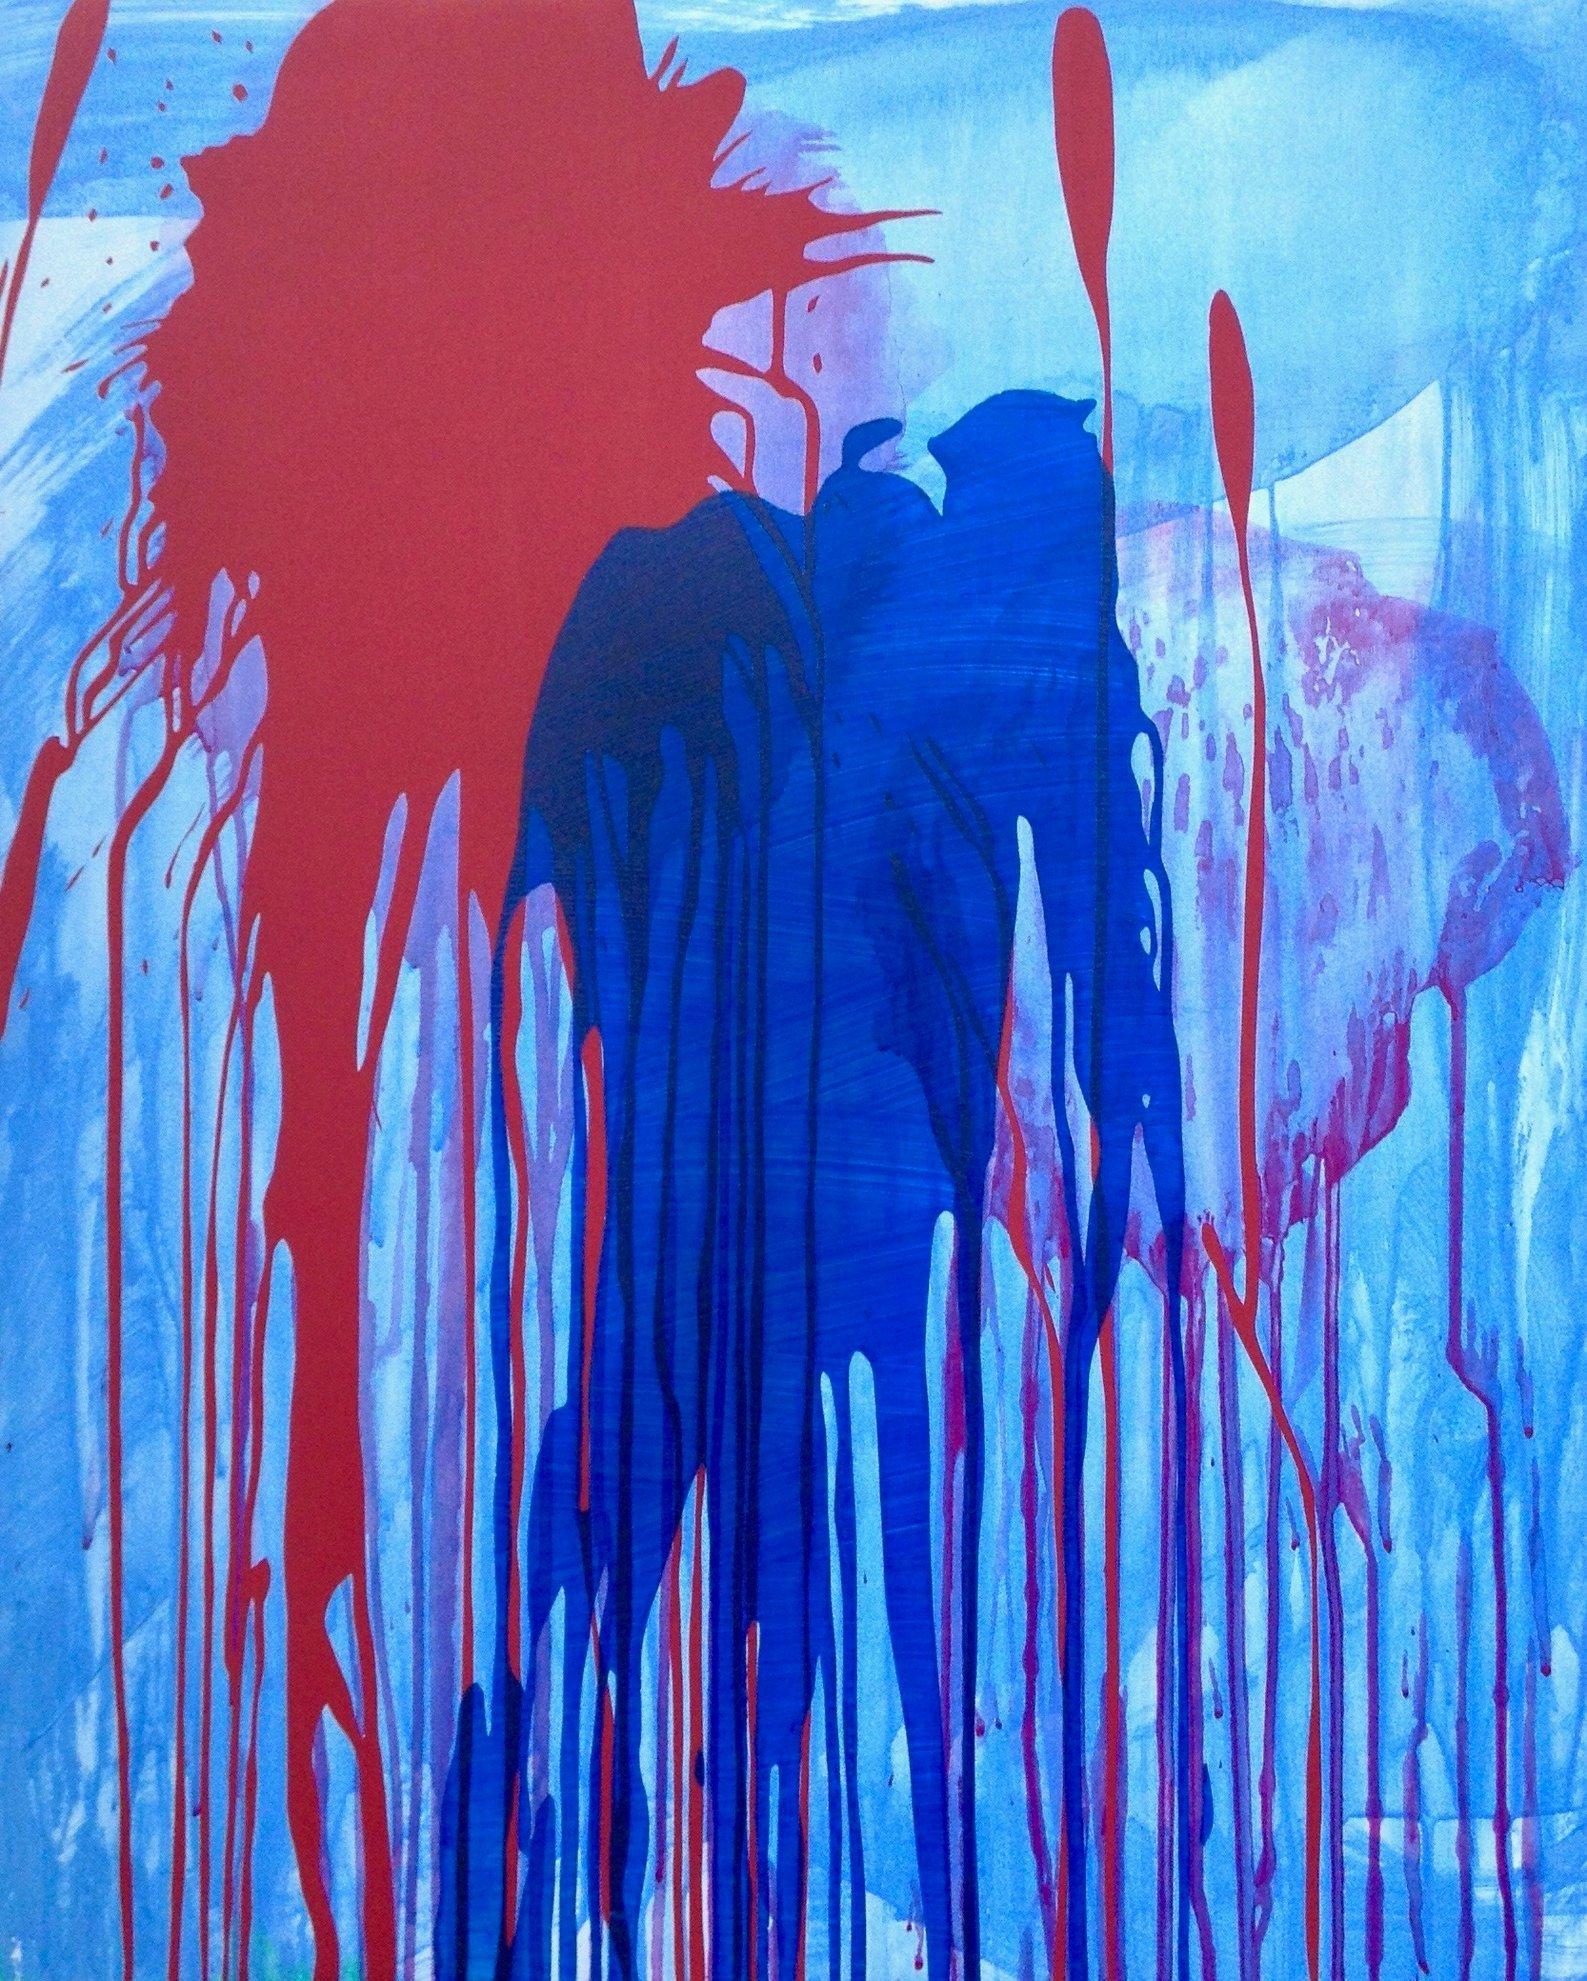 Untitled (splash on blue lavis)